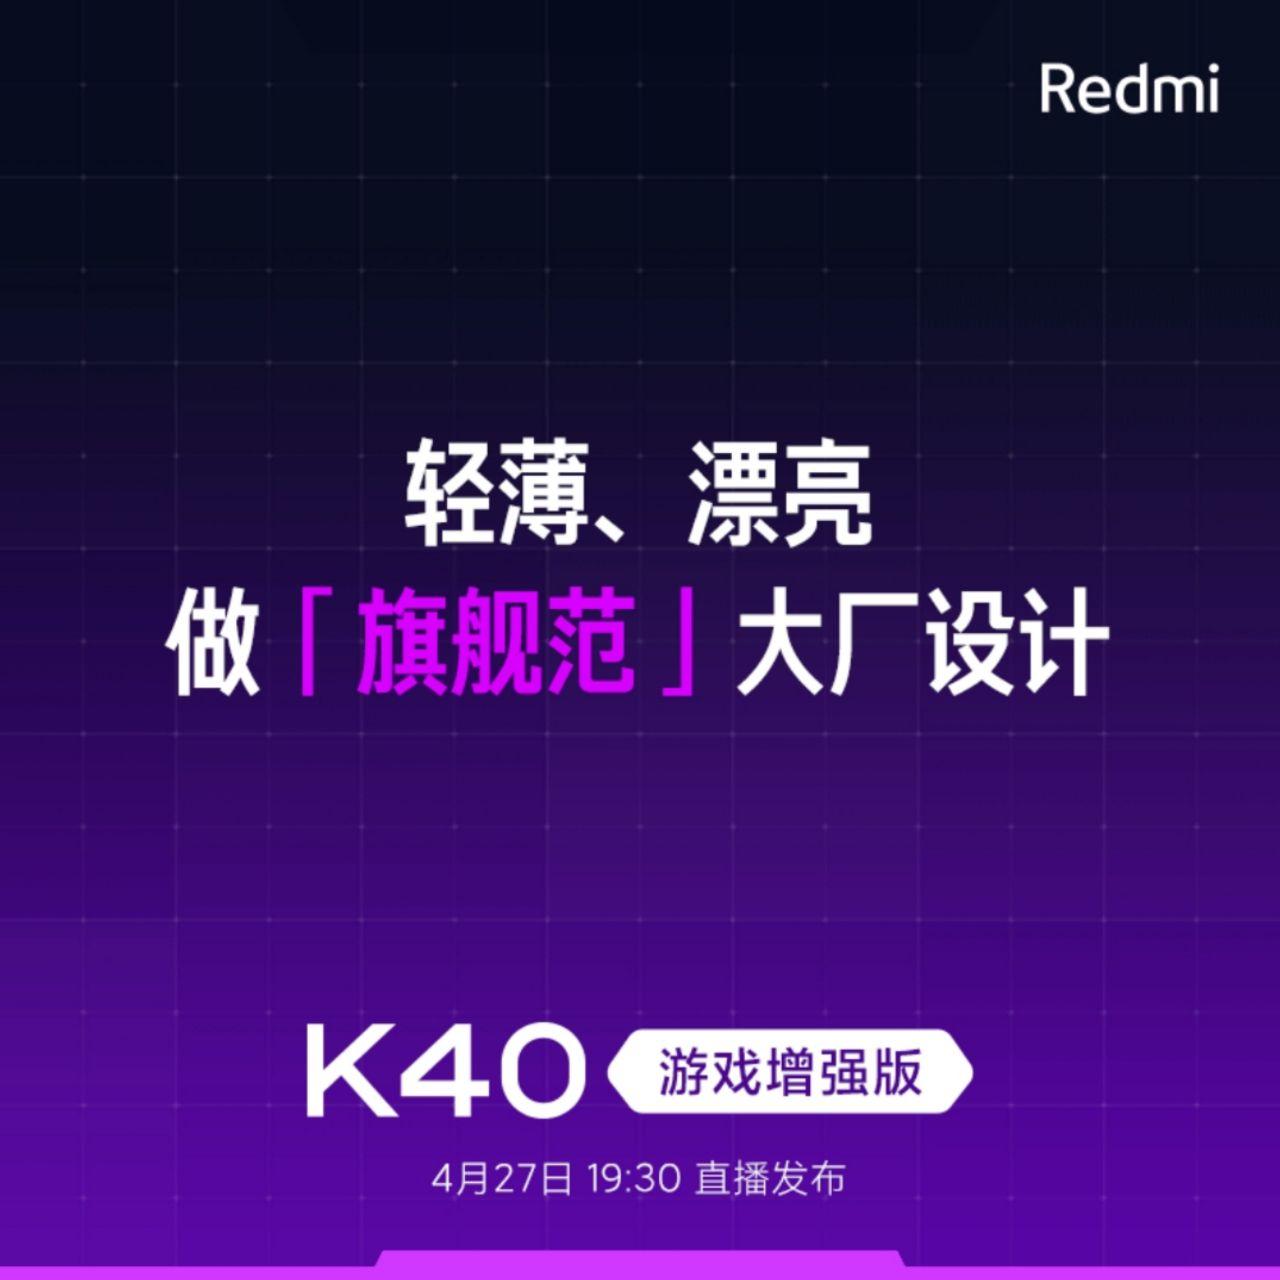 امتیاز AnTuTu گوشی گیمینگ ردمی به همراه مساحت خنک کننده آن مشخص شد